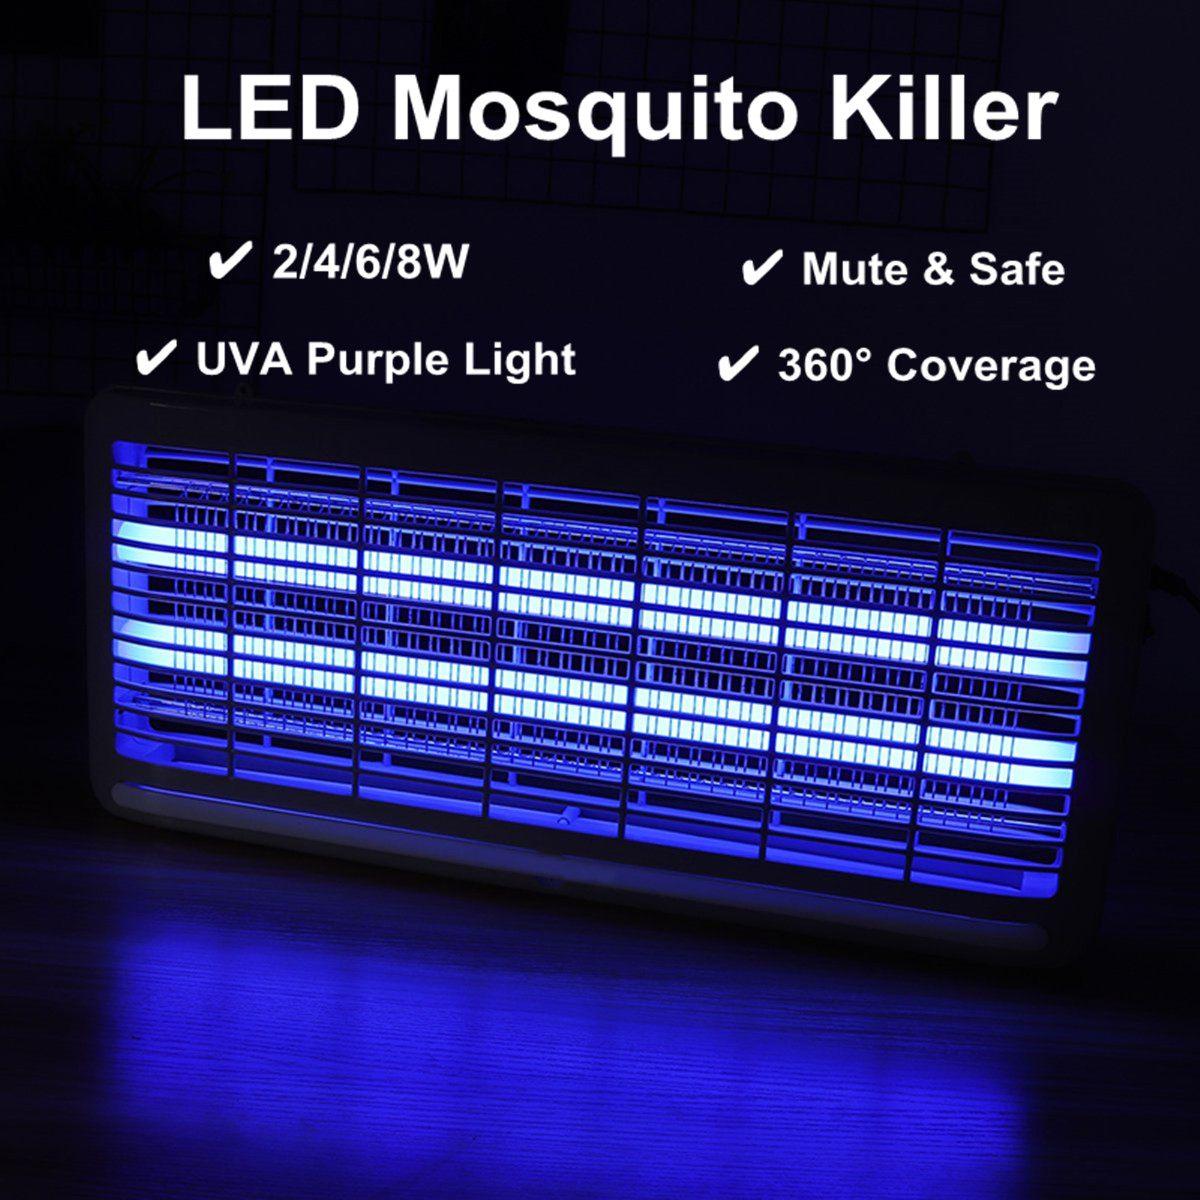 실내 전기 곤충 킬러 led UV-A 전자 모기 repeller 해충 비행 버그 재빠른 포수 트랩 홈 해충 방제 램프